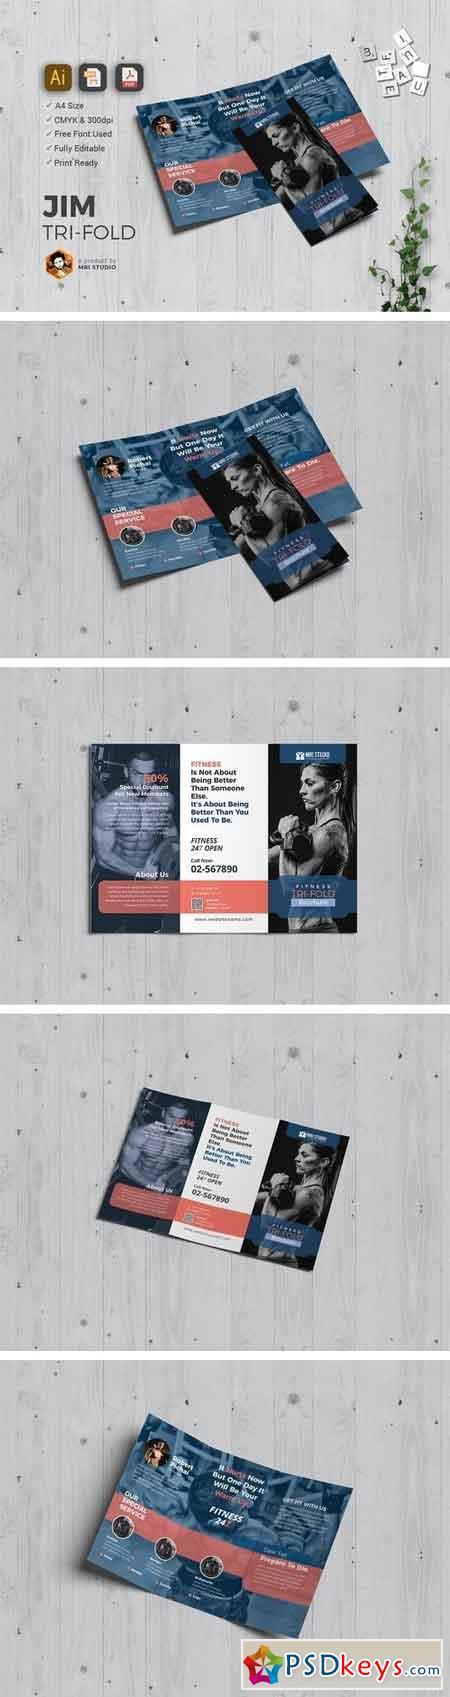 JYM Tri-Fold 1509800